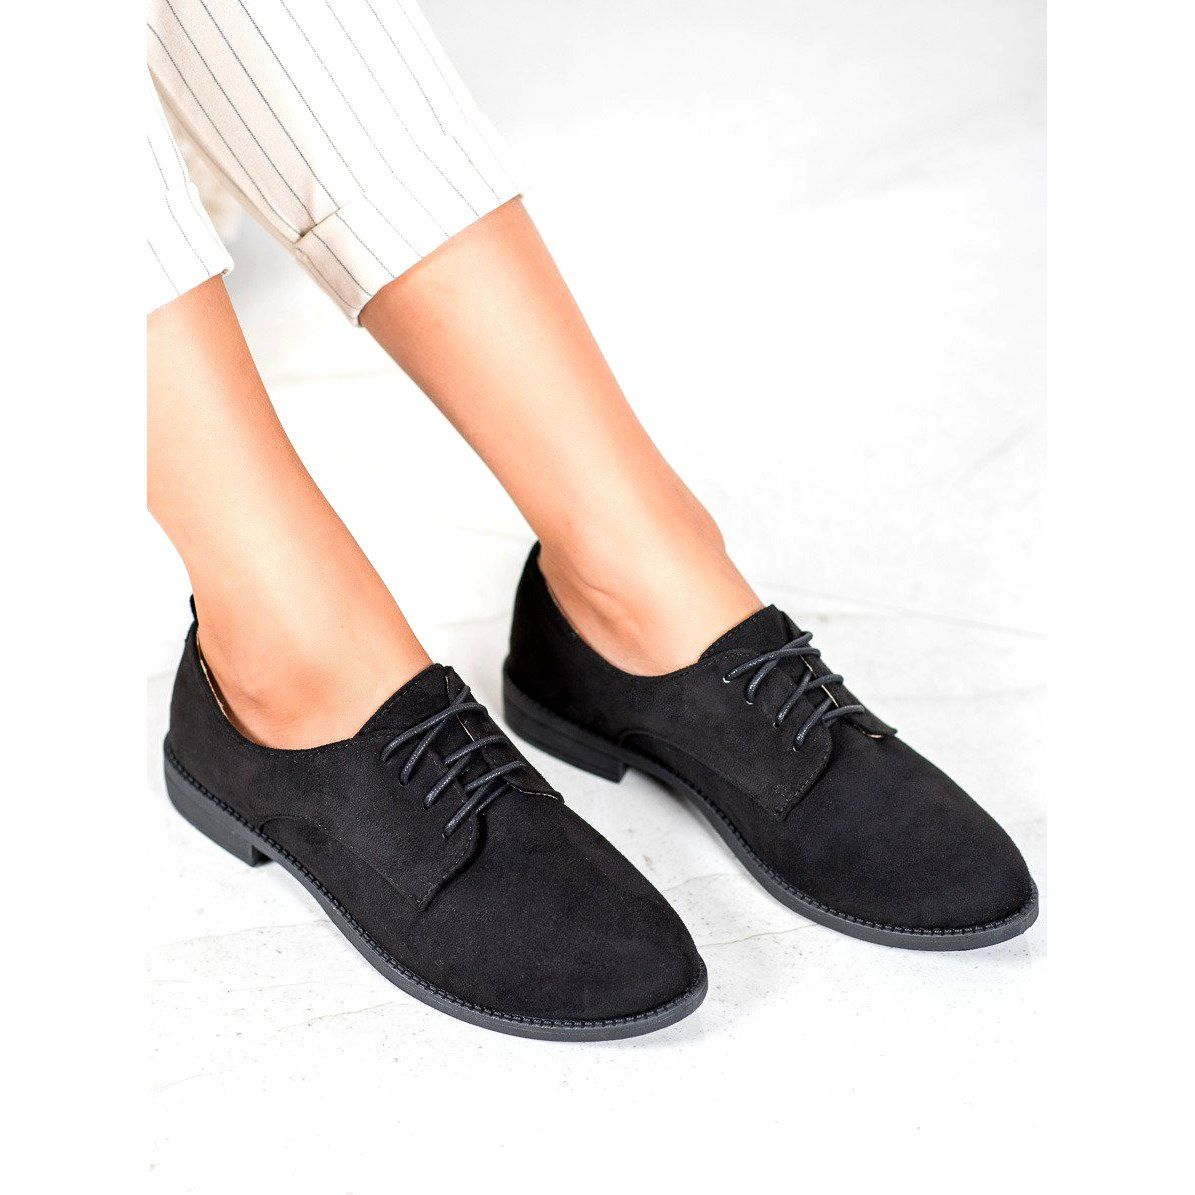 Shelovet Zamszowe Polbuty Czarne Dress Shoes Men Oxford Shoes Shoes